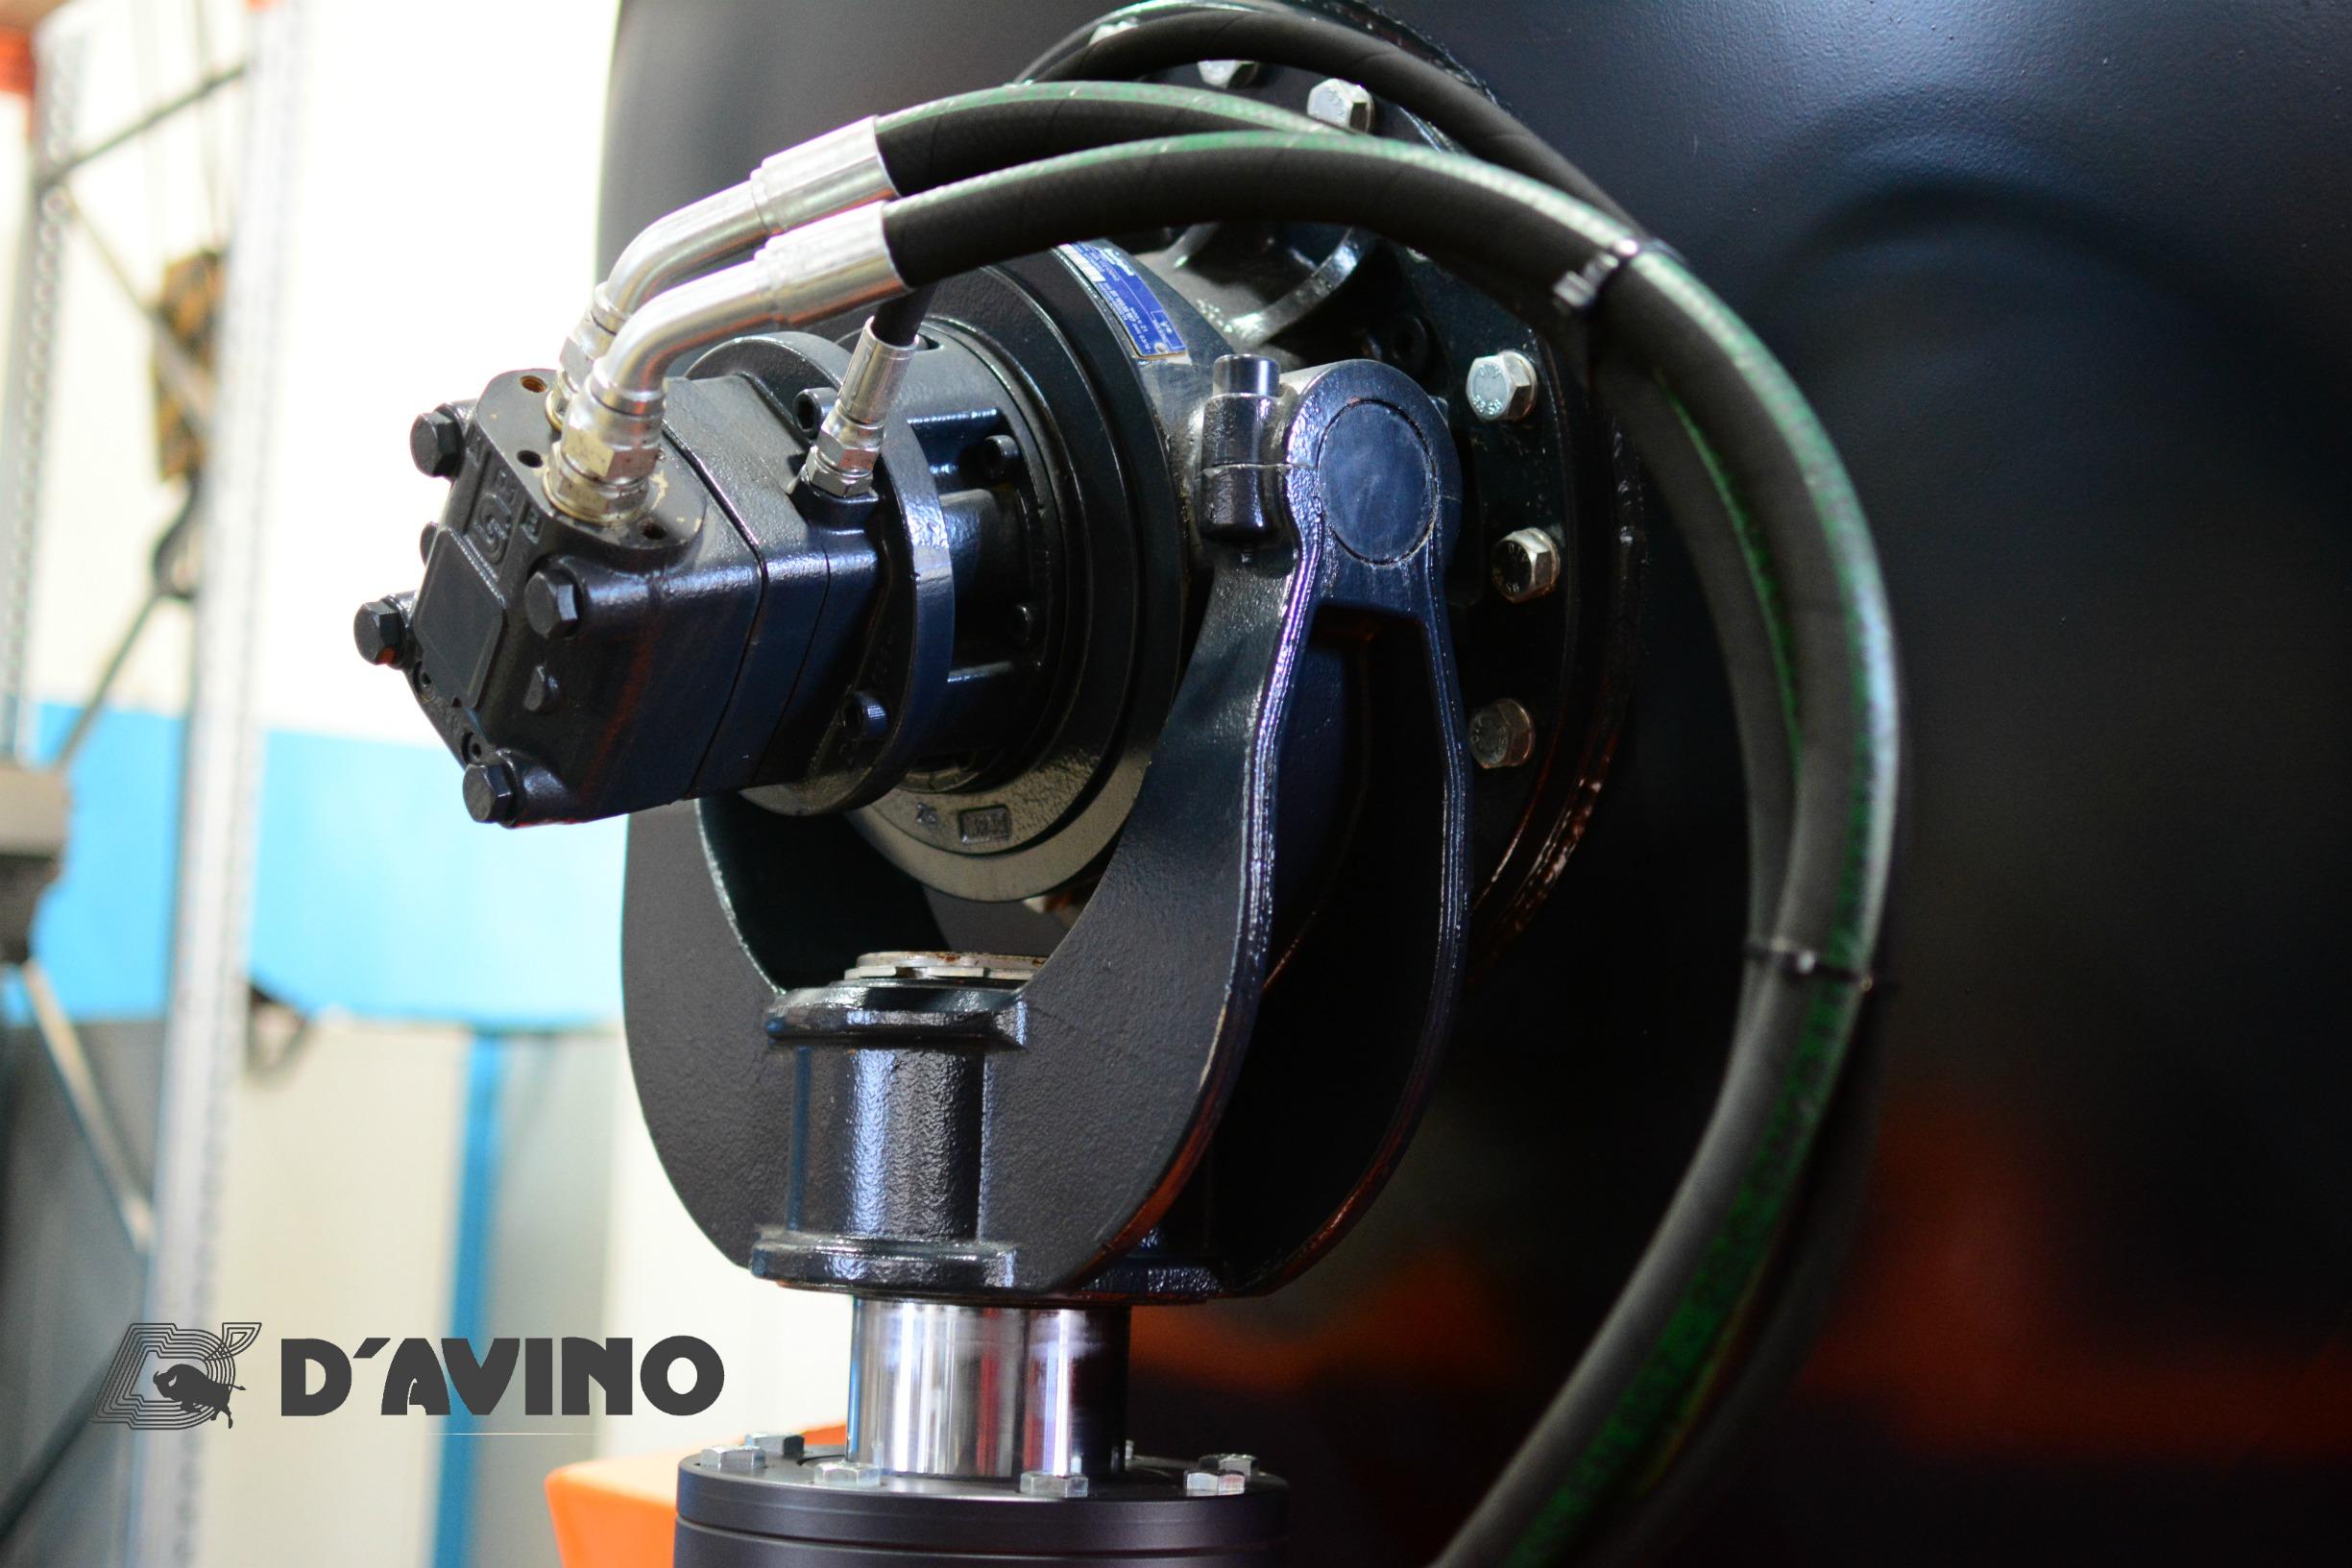 честное сравнение кармикс и давино, У ДАВИНО для ускорения процесса разгрузки бетона предусмотрен гидравлический цилиндр который поднимает заднюю часть смесительного барабана